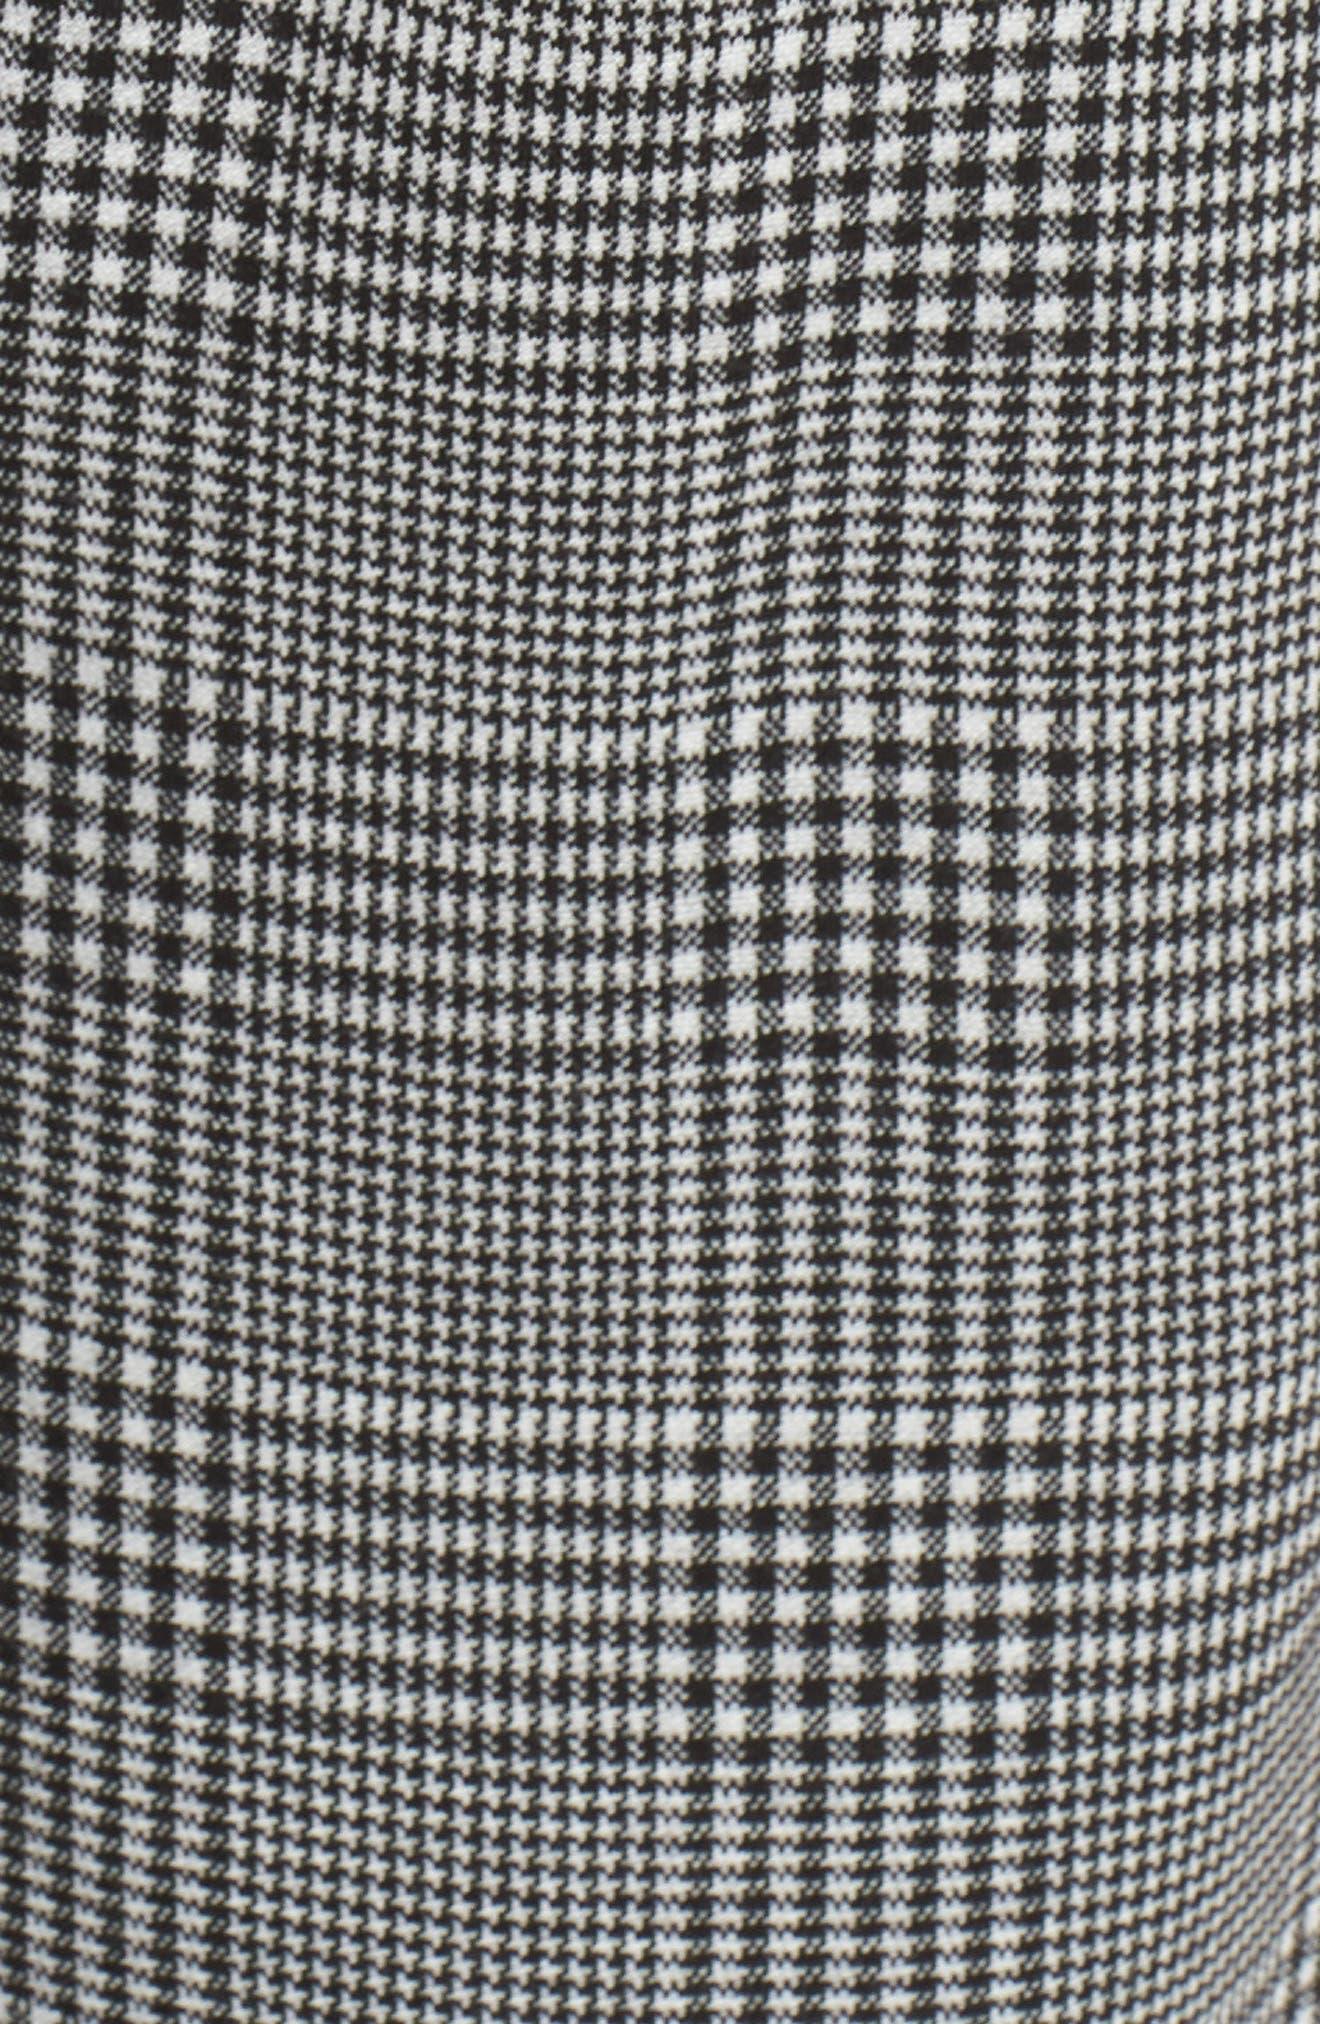 Glen Plaid Jumpsuit,                             Alternate thumbnail 6, color,                             BLACK- WHITE DELIA PLAID